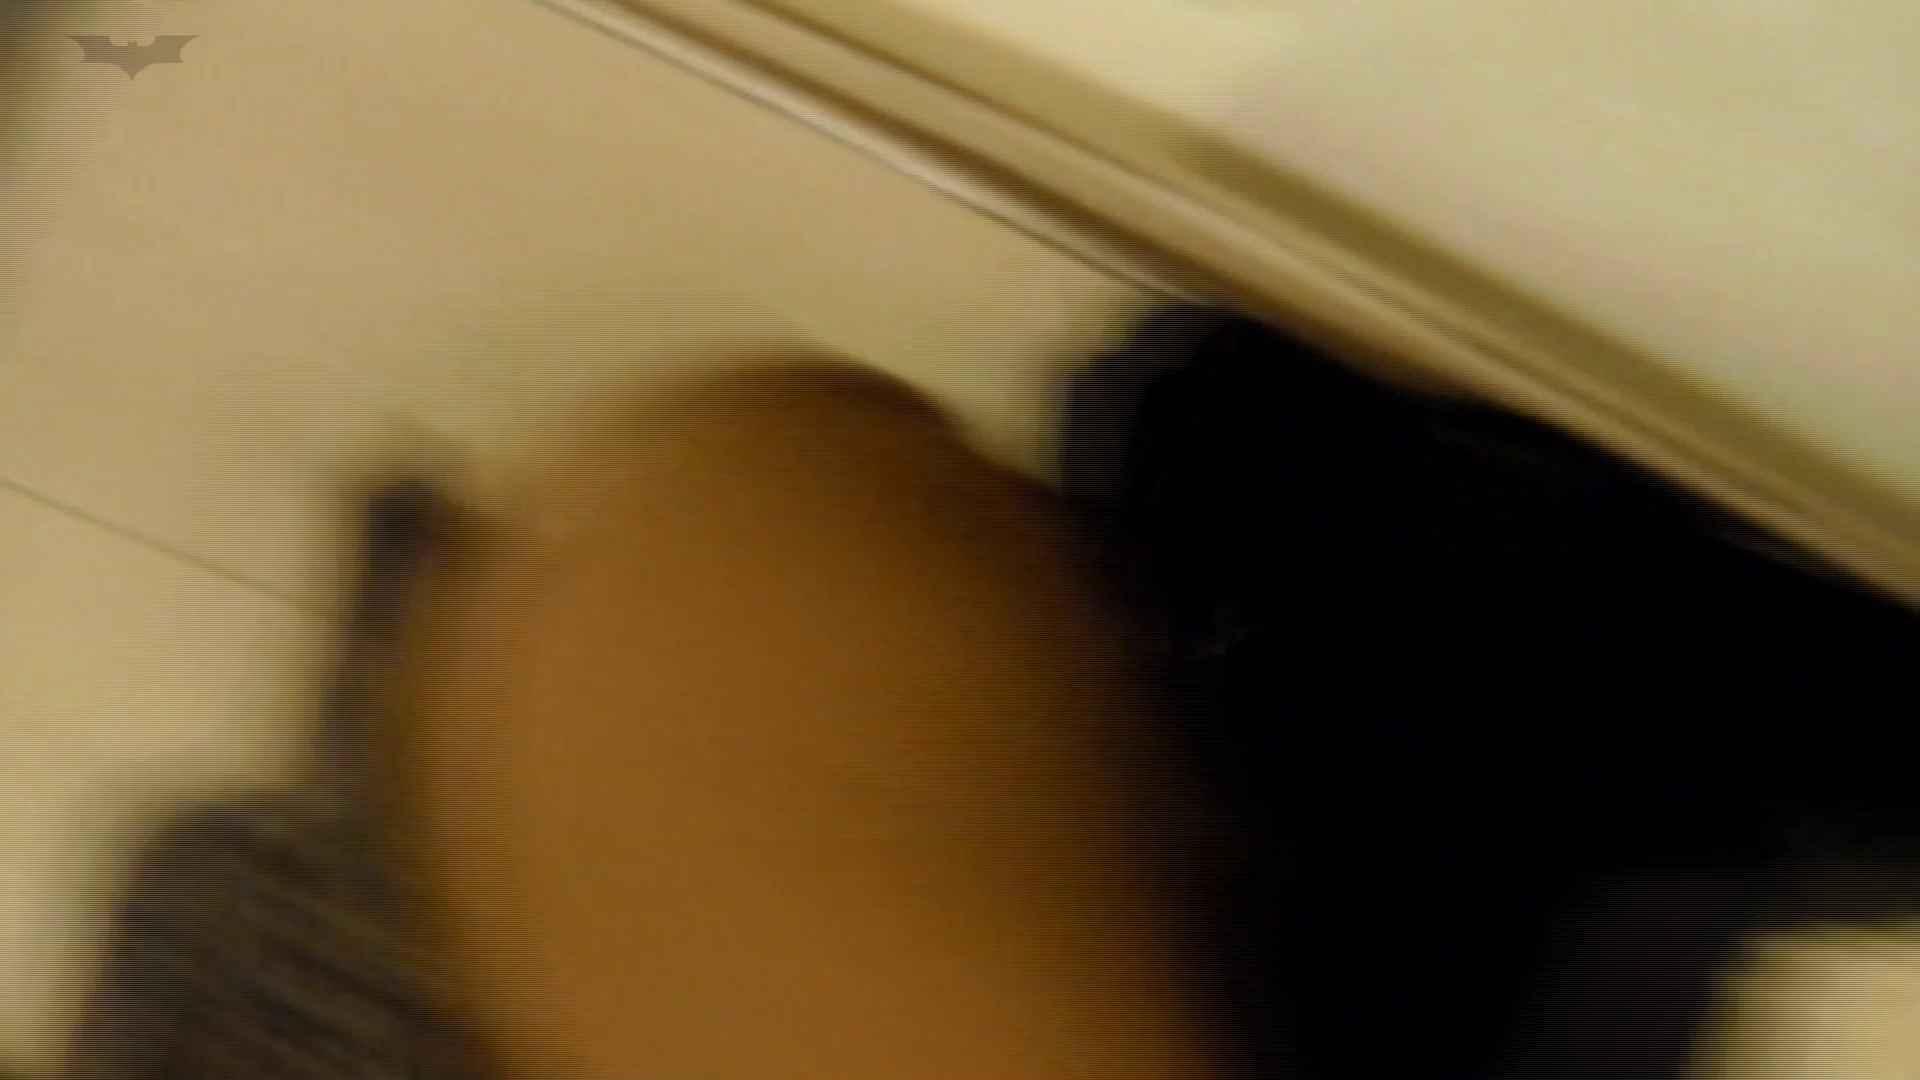 無修正エロ動画|新世界の射窓 No77 CAっぽい子登場|怪盗ジョーカー